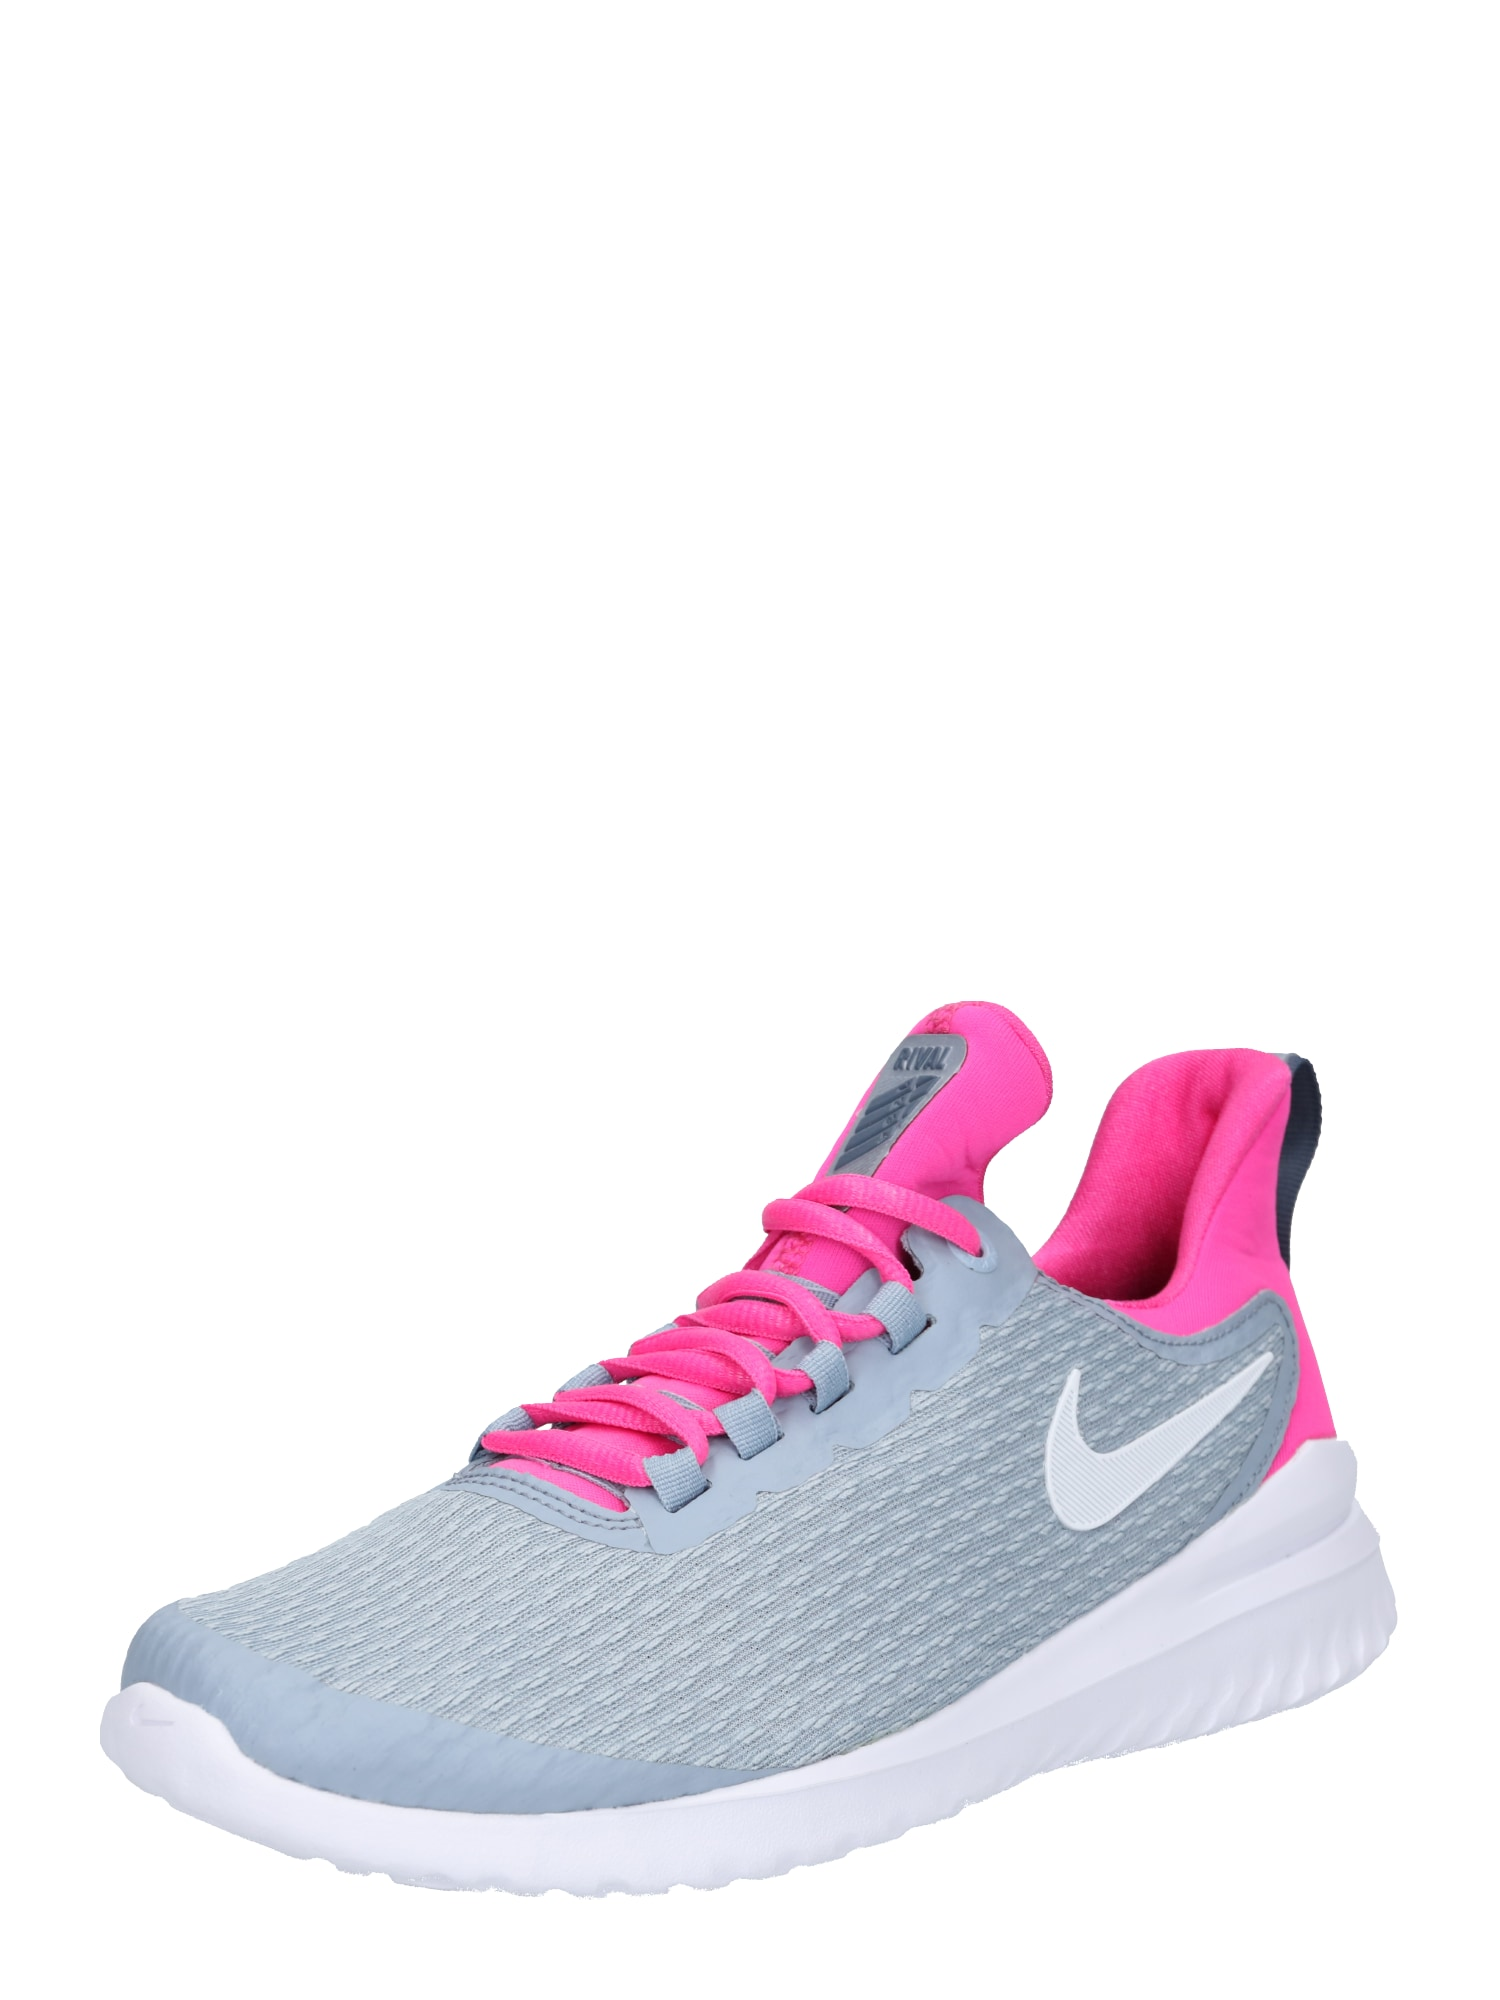 Běžecká obuv Renew Rival kouřově modrá pink NIKE